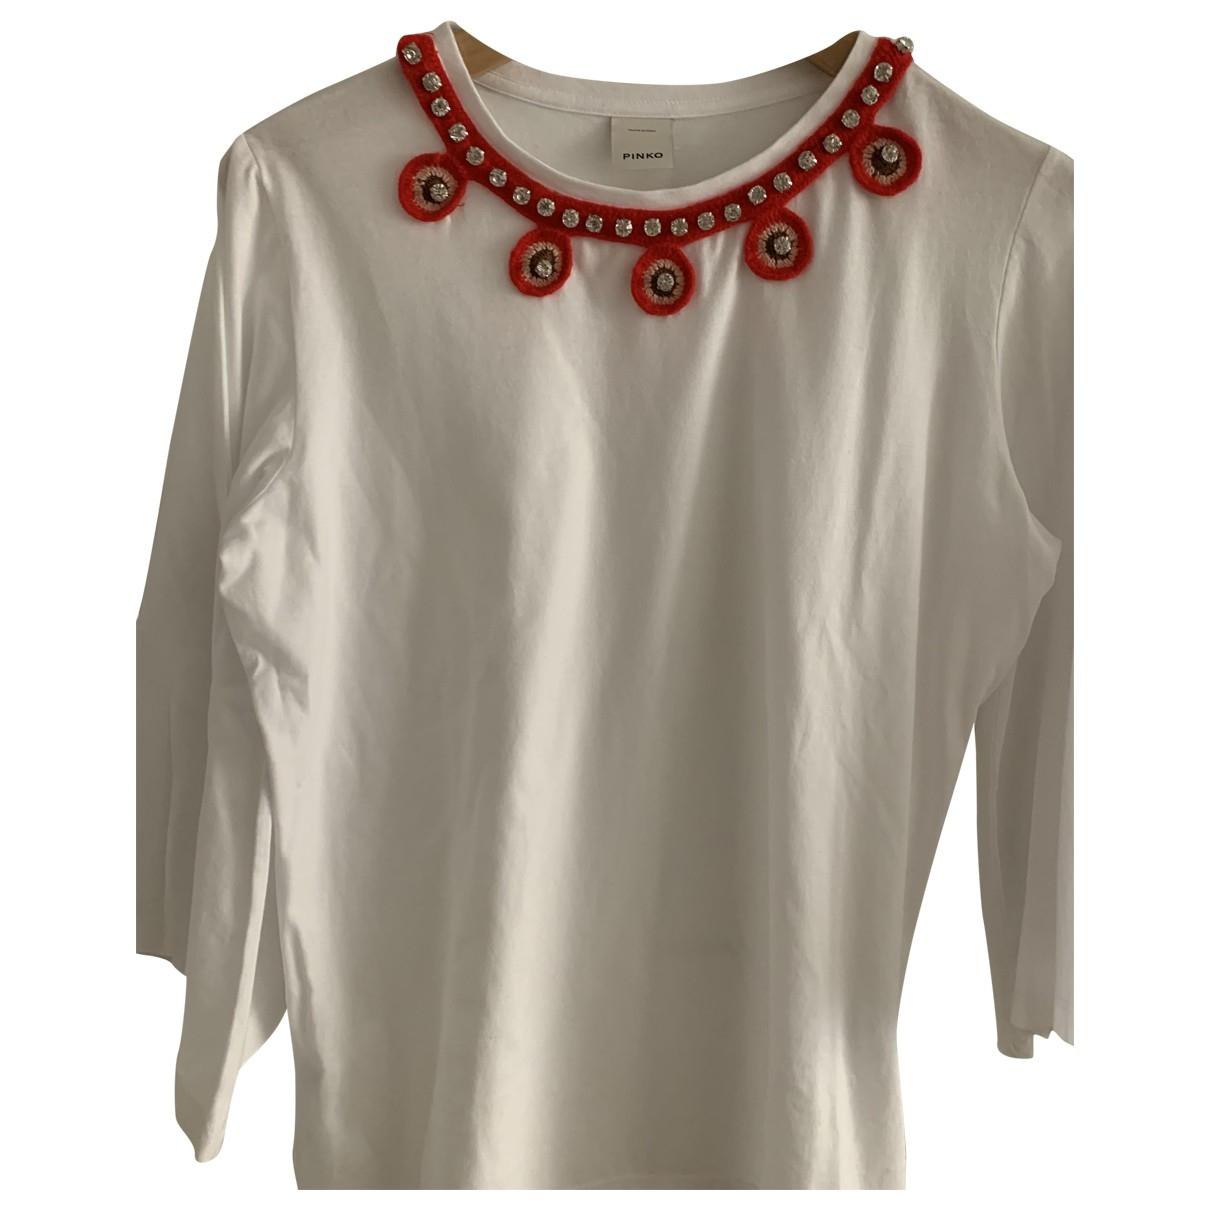 Pinko \N White Cotton  top for Women 44 IT